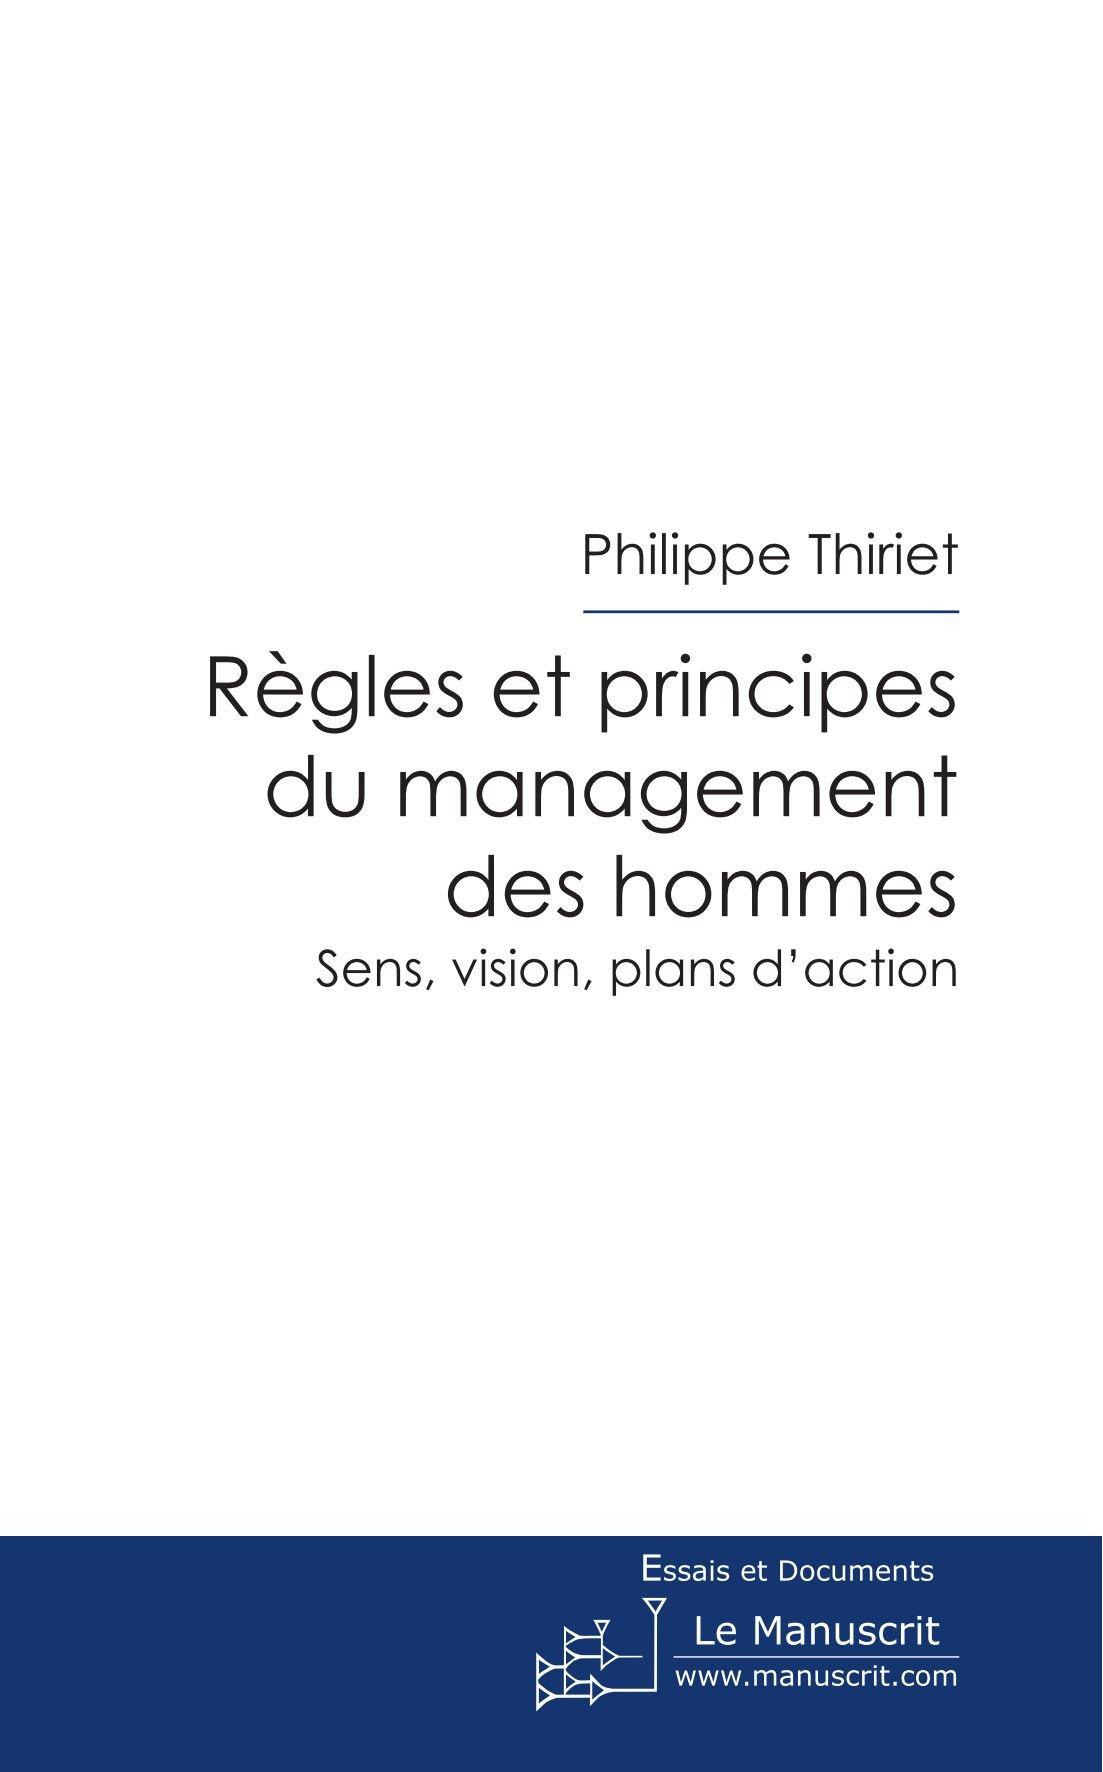 Regles Et Principes Du Management Des Hommes Broché – 1 août 2008 Philippe Thiriet 2304019005 Actualités Reportages